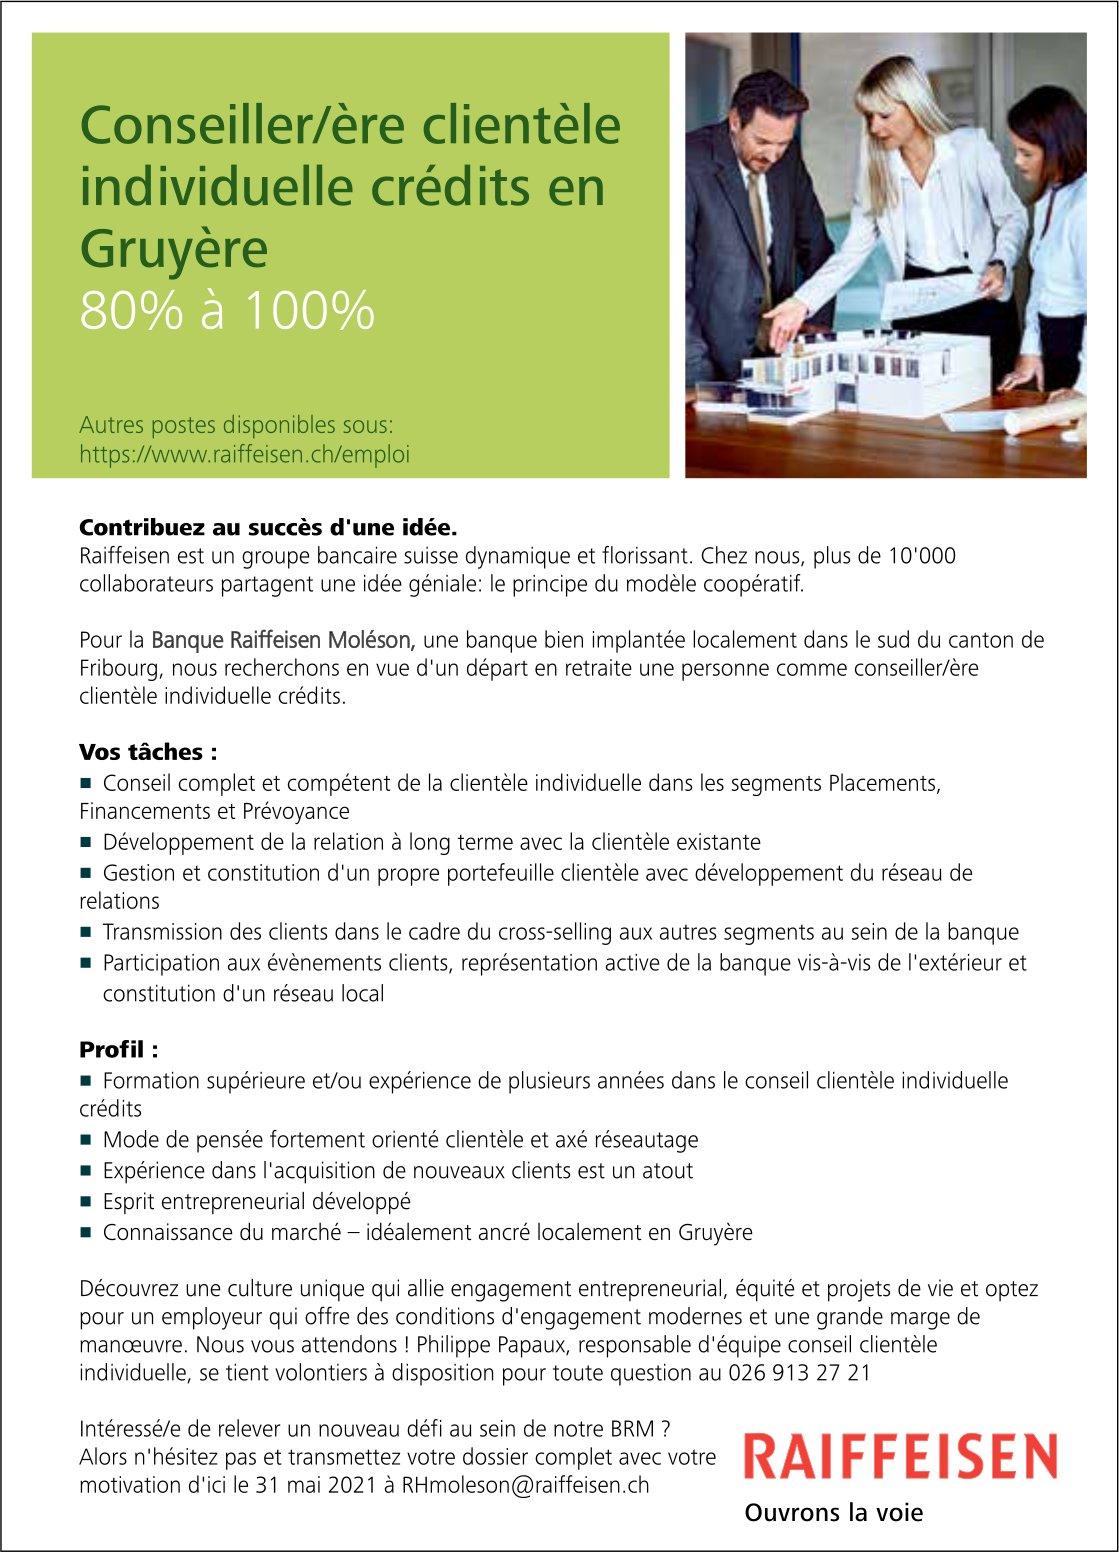 Conseiller/ère clientèle Individuelle crédits en Gruyère, Raiffeisen, recherché